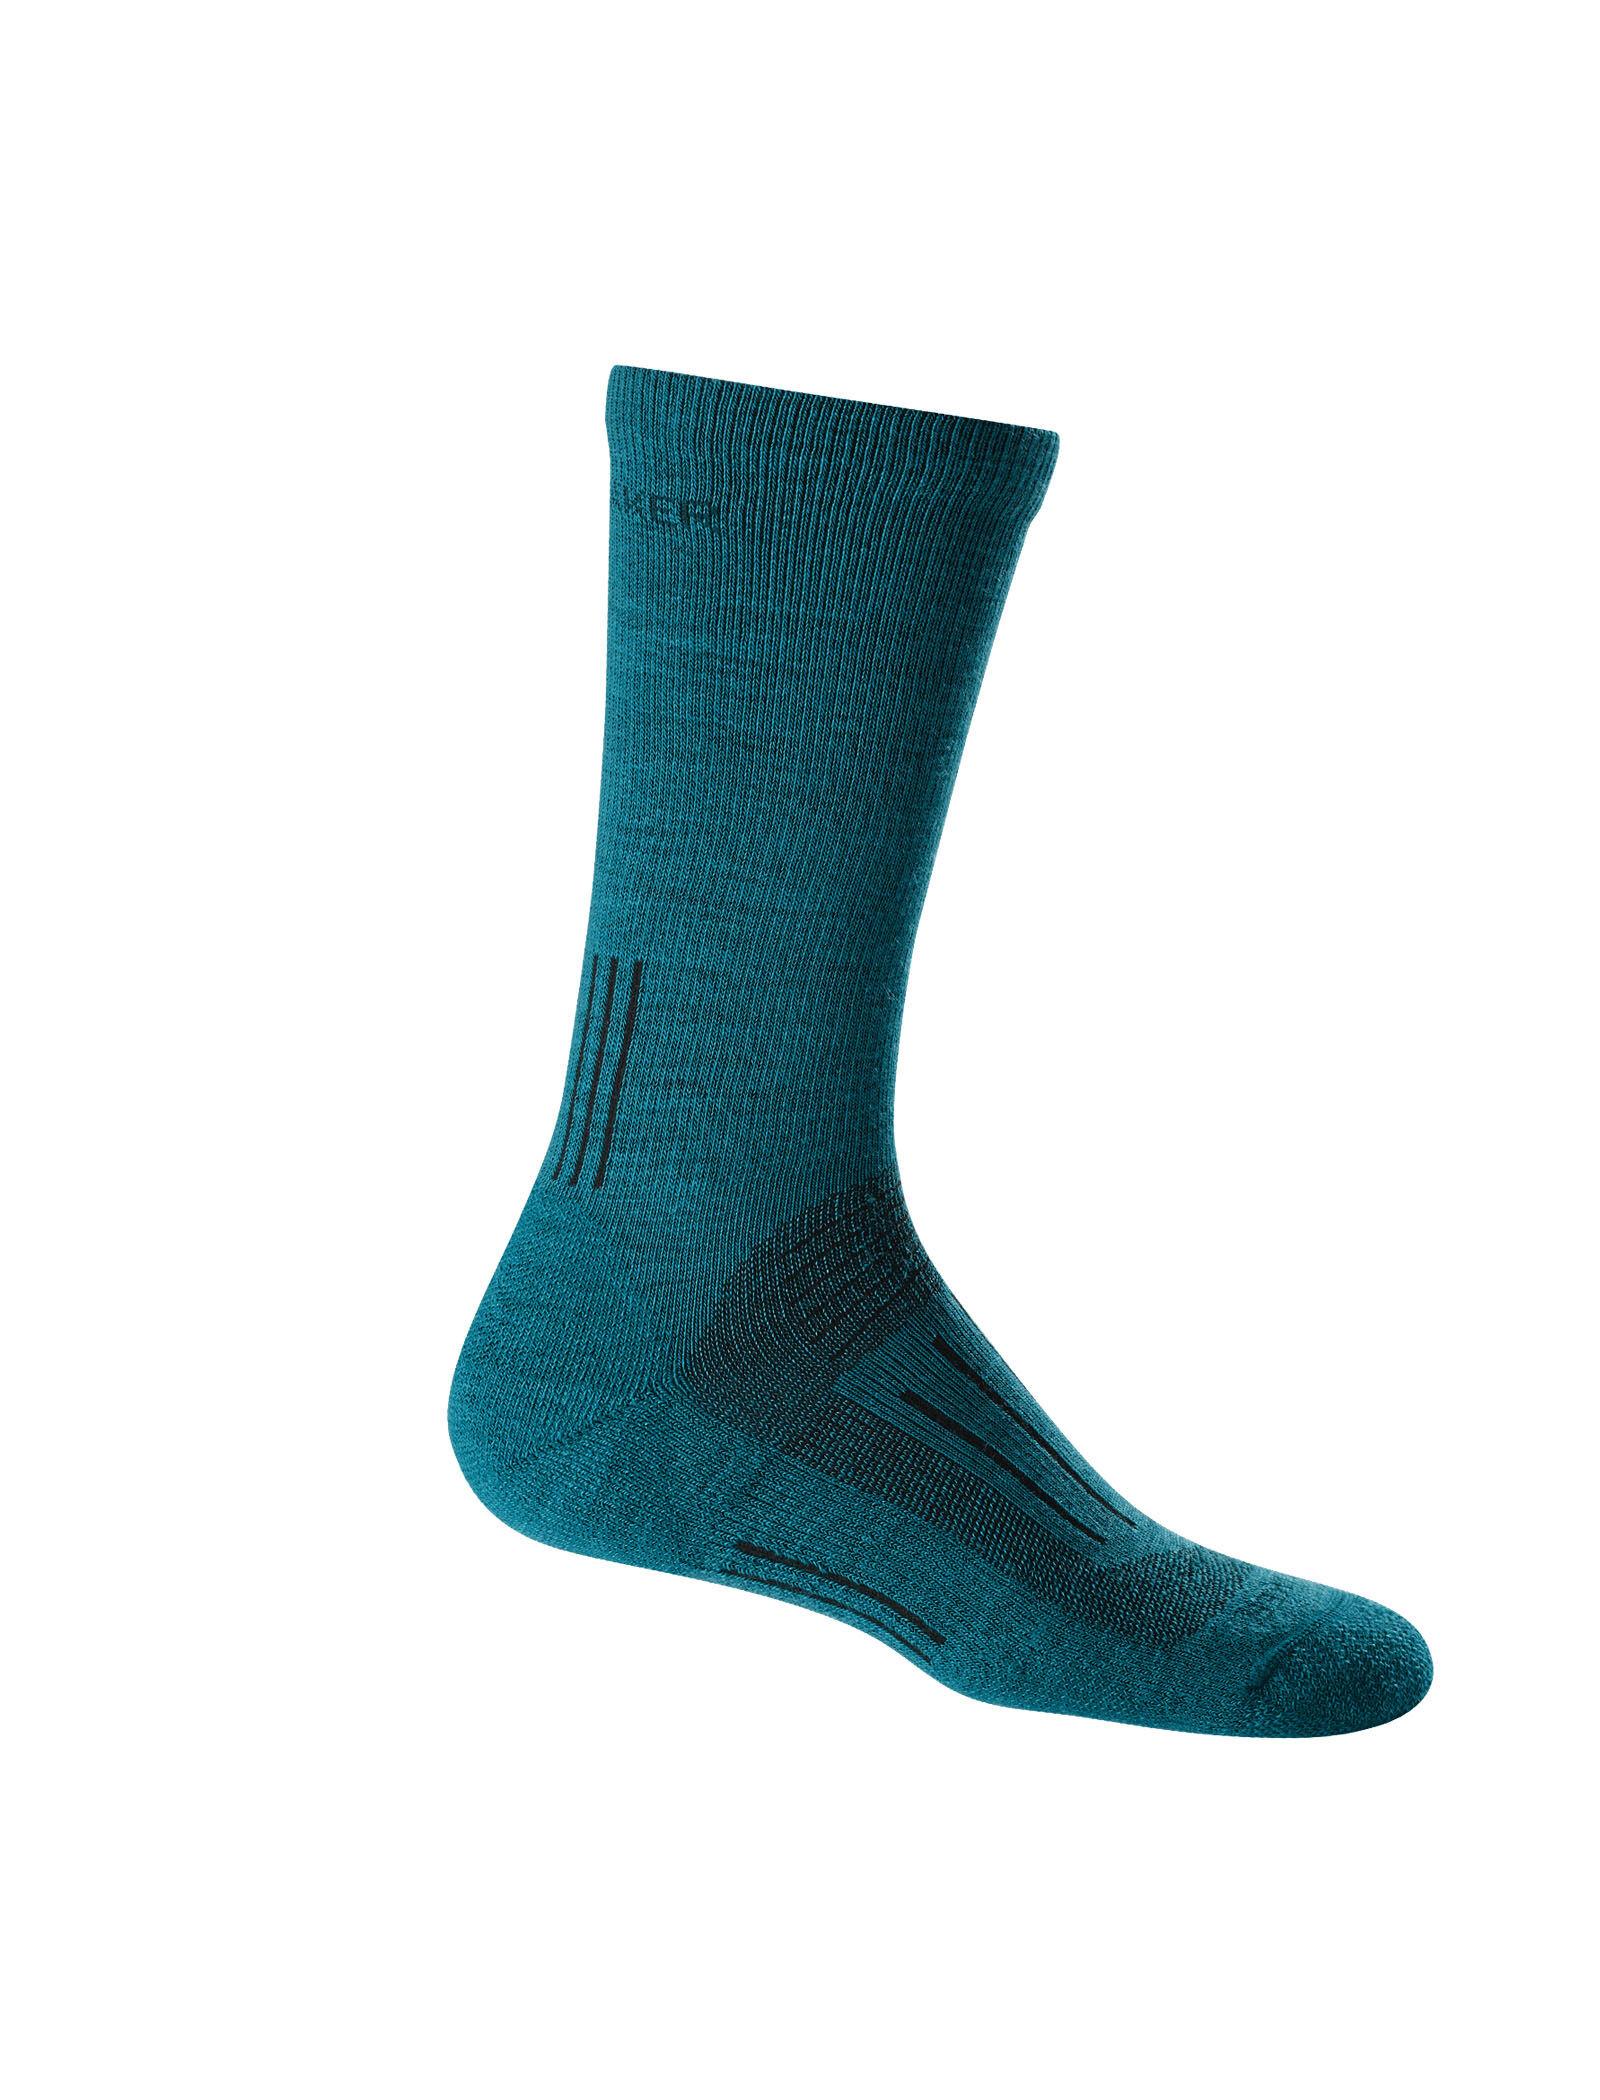 Icebreaker Merino Hike Light Cushion Merino Wool Crew Socks